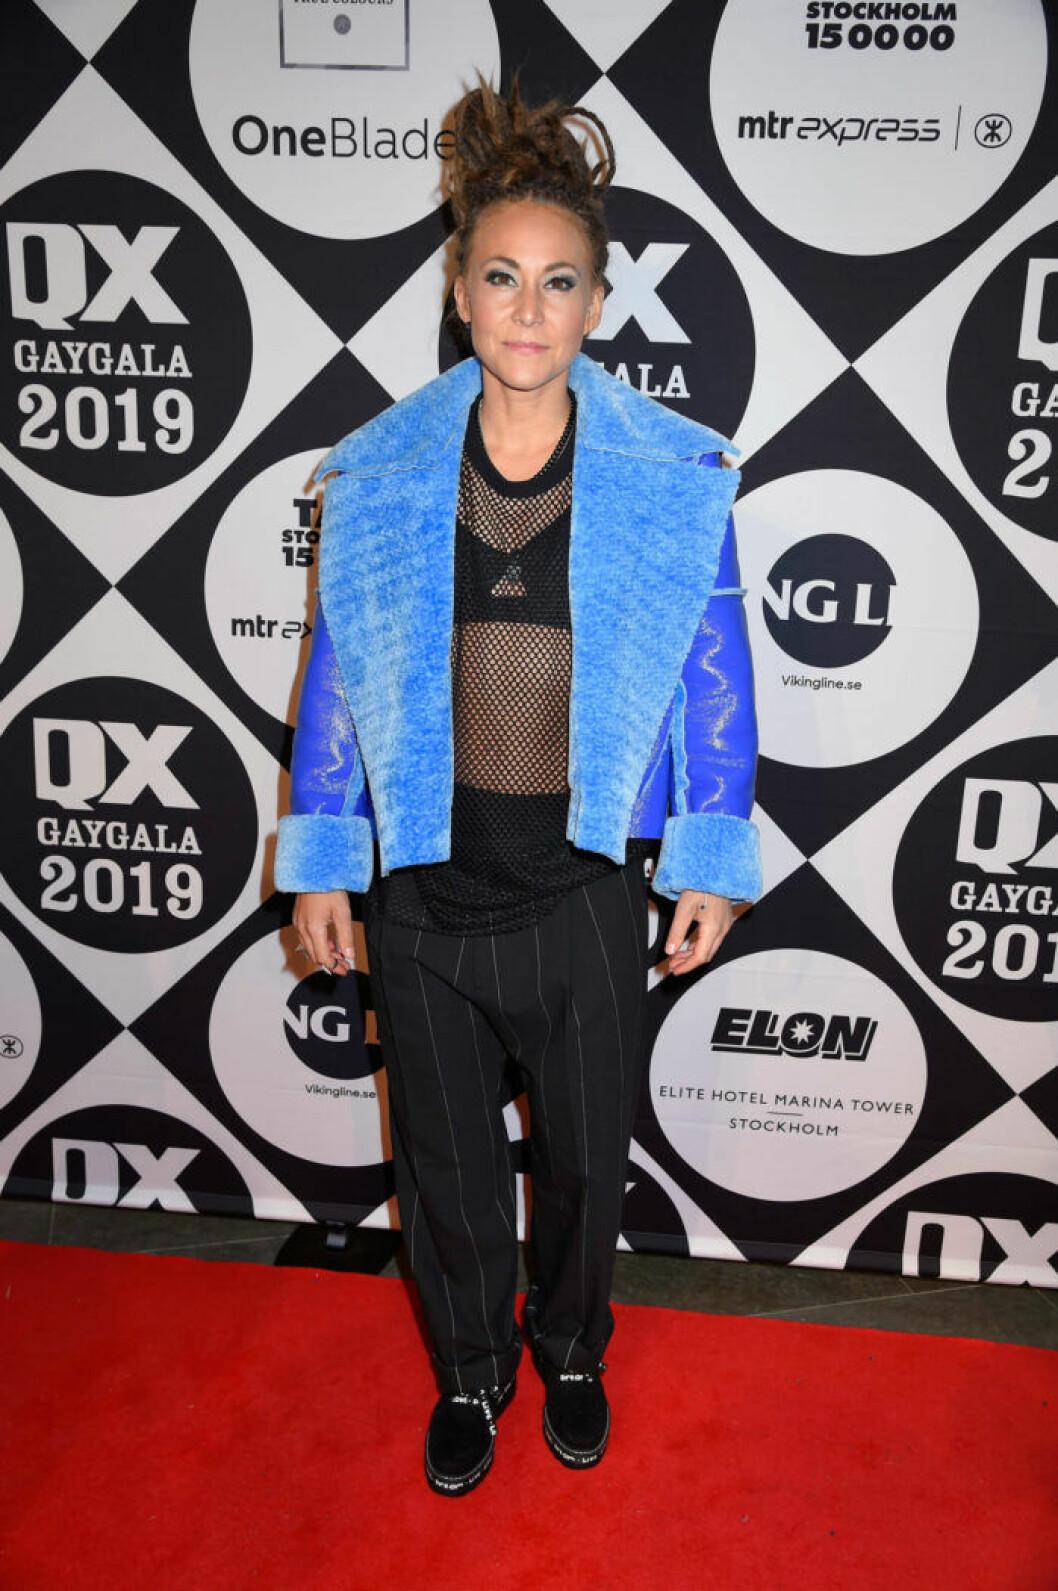 Mariette Hansson på QX-galan 2019